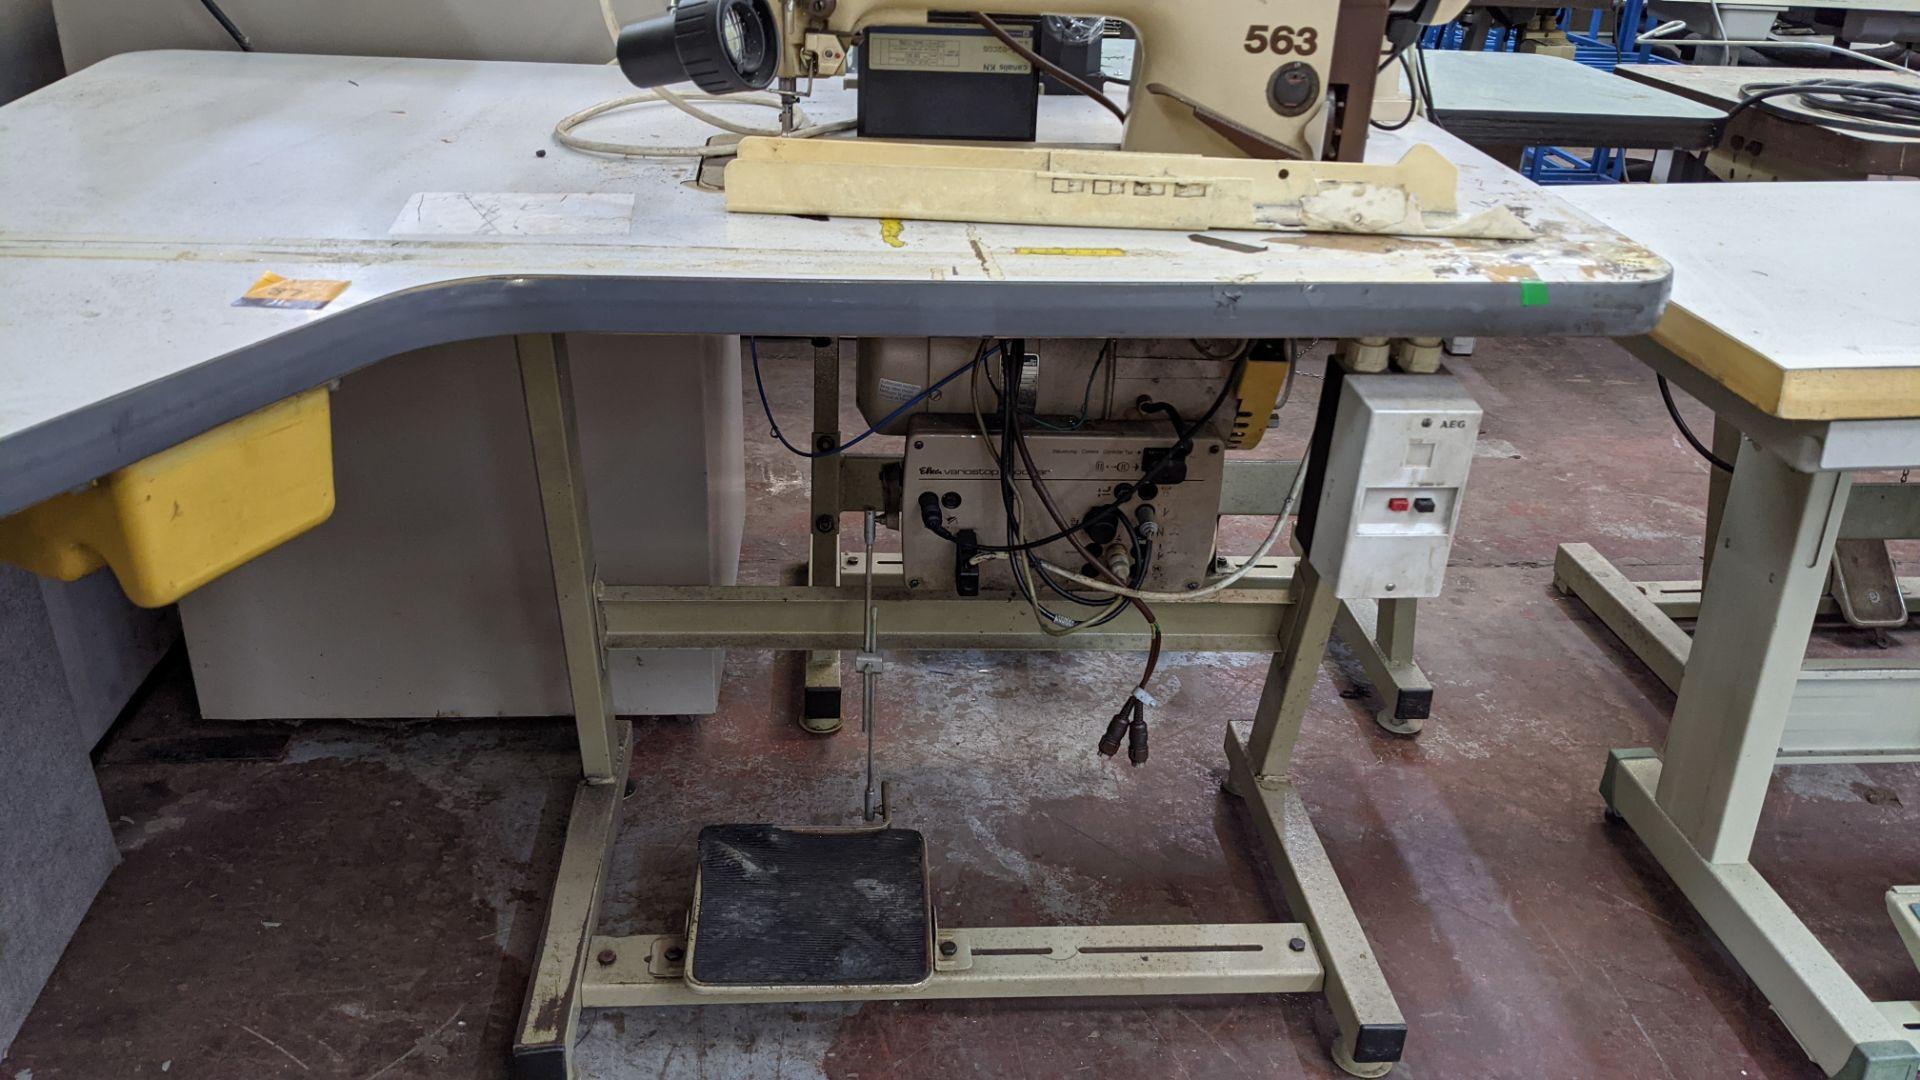 Pfaff model 563 sewing machine with Efka modular V720 digital controller - Image 11 of 13